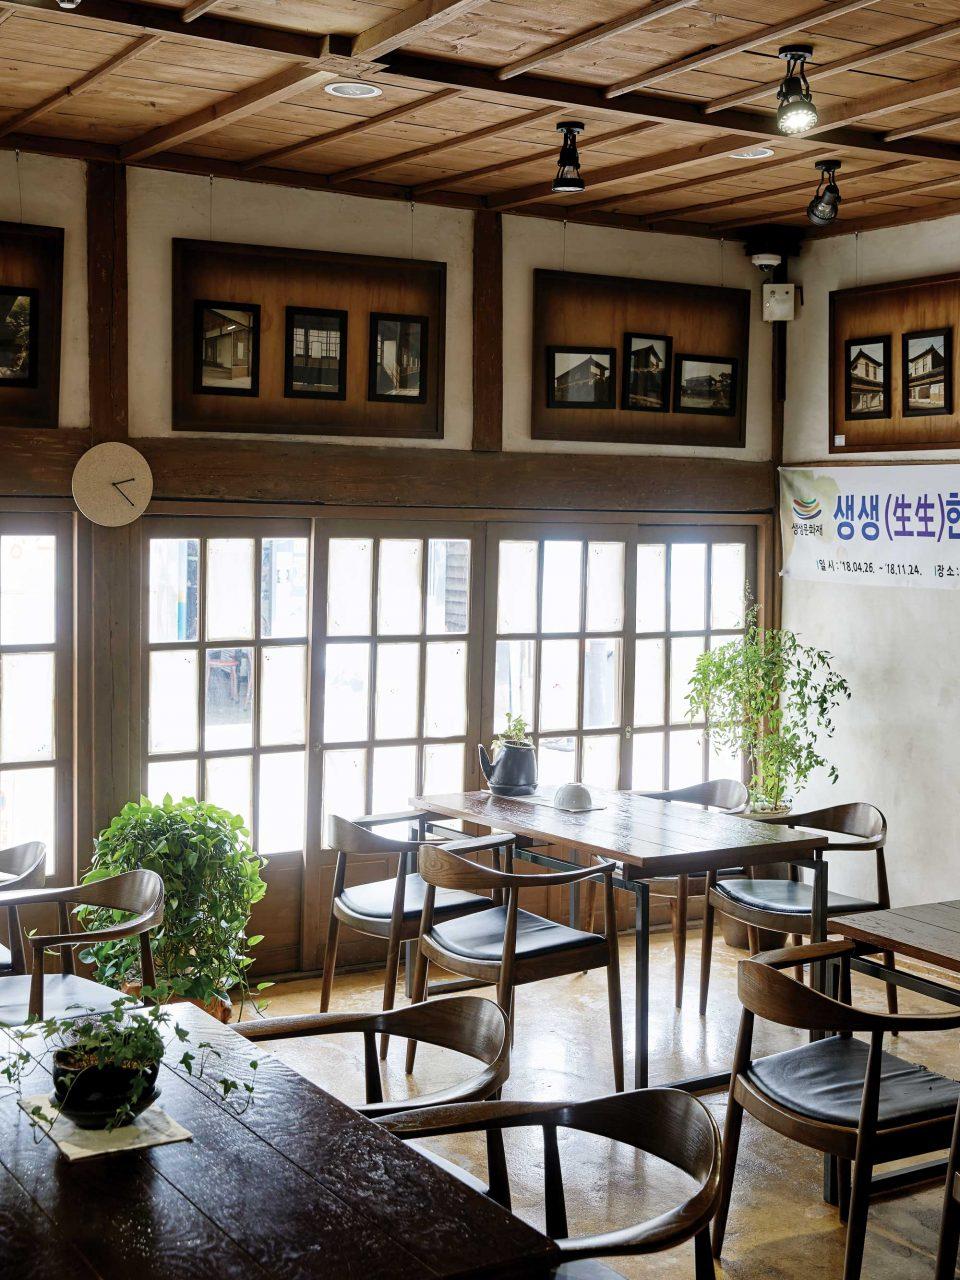 일본식 목조 건물의 구조를 고스란히 살려 복원해 카페, 전시관, 숙박 시설로 운영 중인 보성여관.